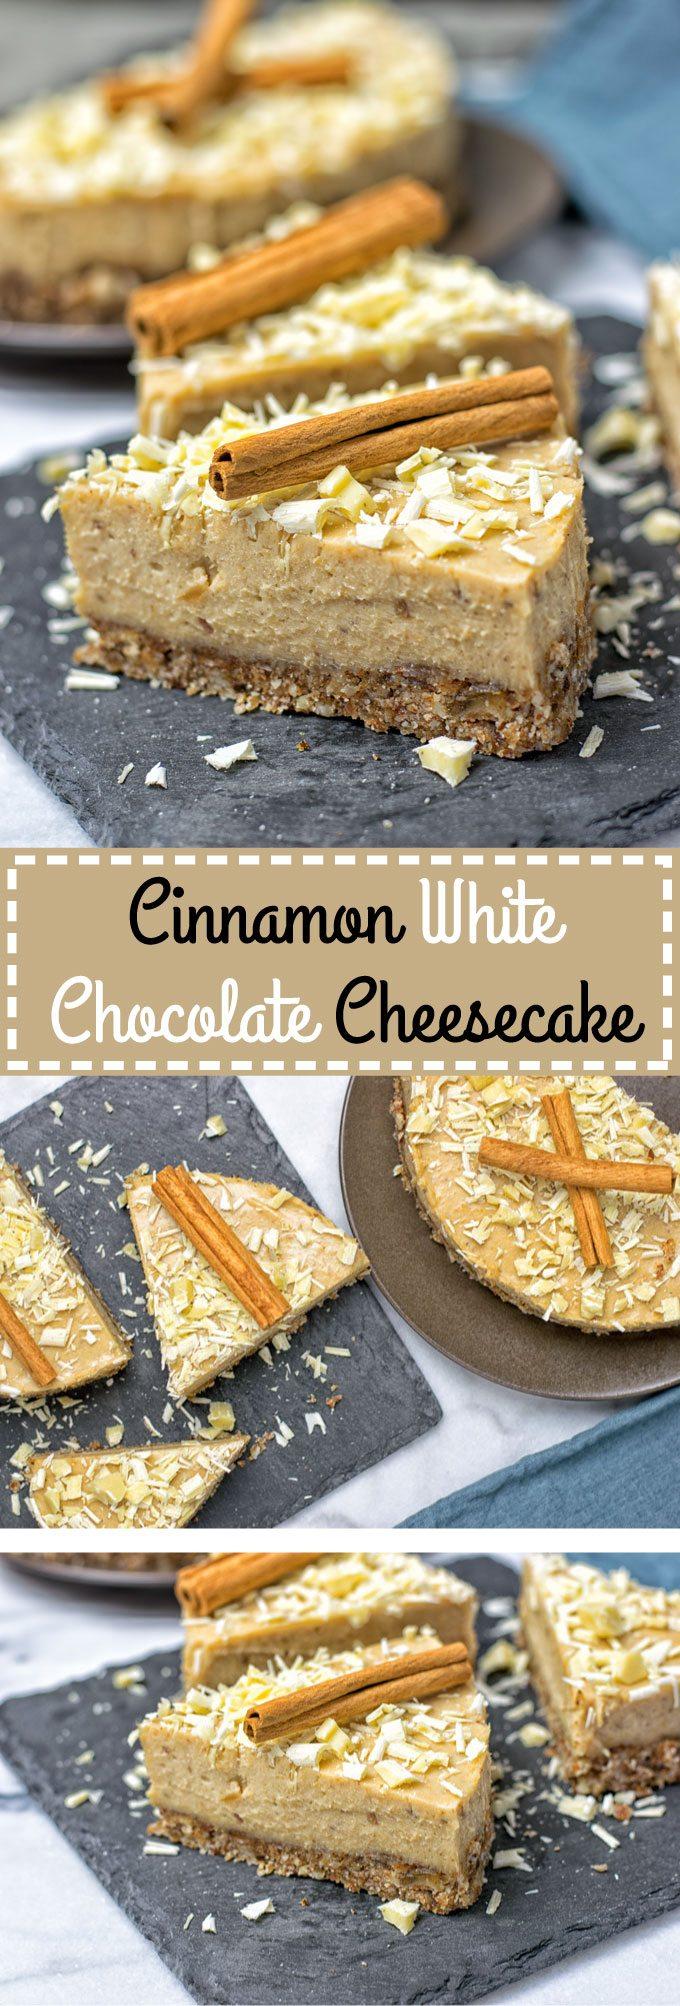 Cinnamon White Chocolate Cheesecake | #vegan #glutenfree www.contentednesscooking.com